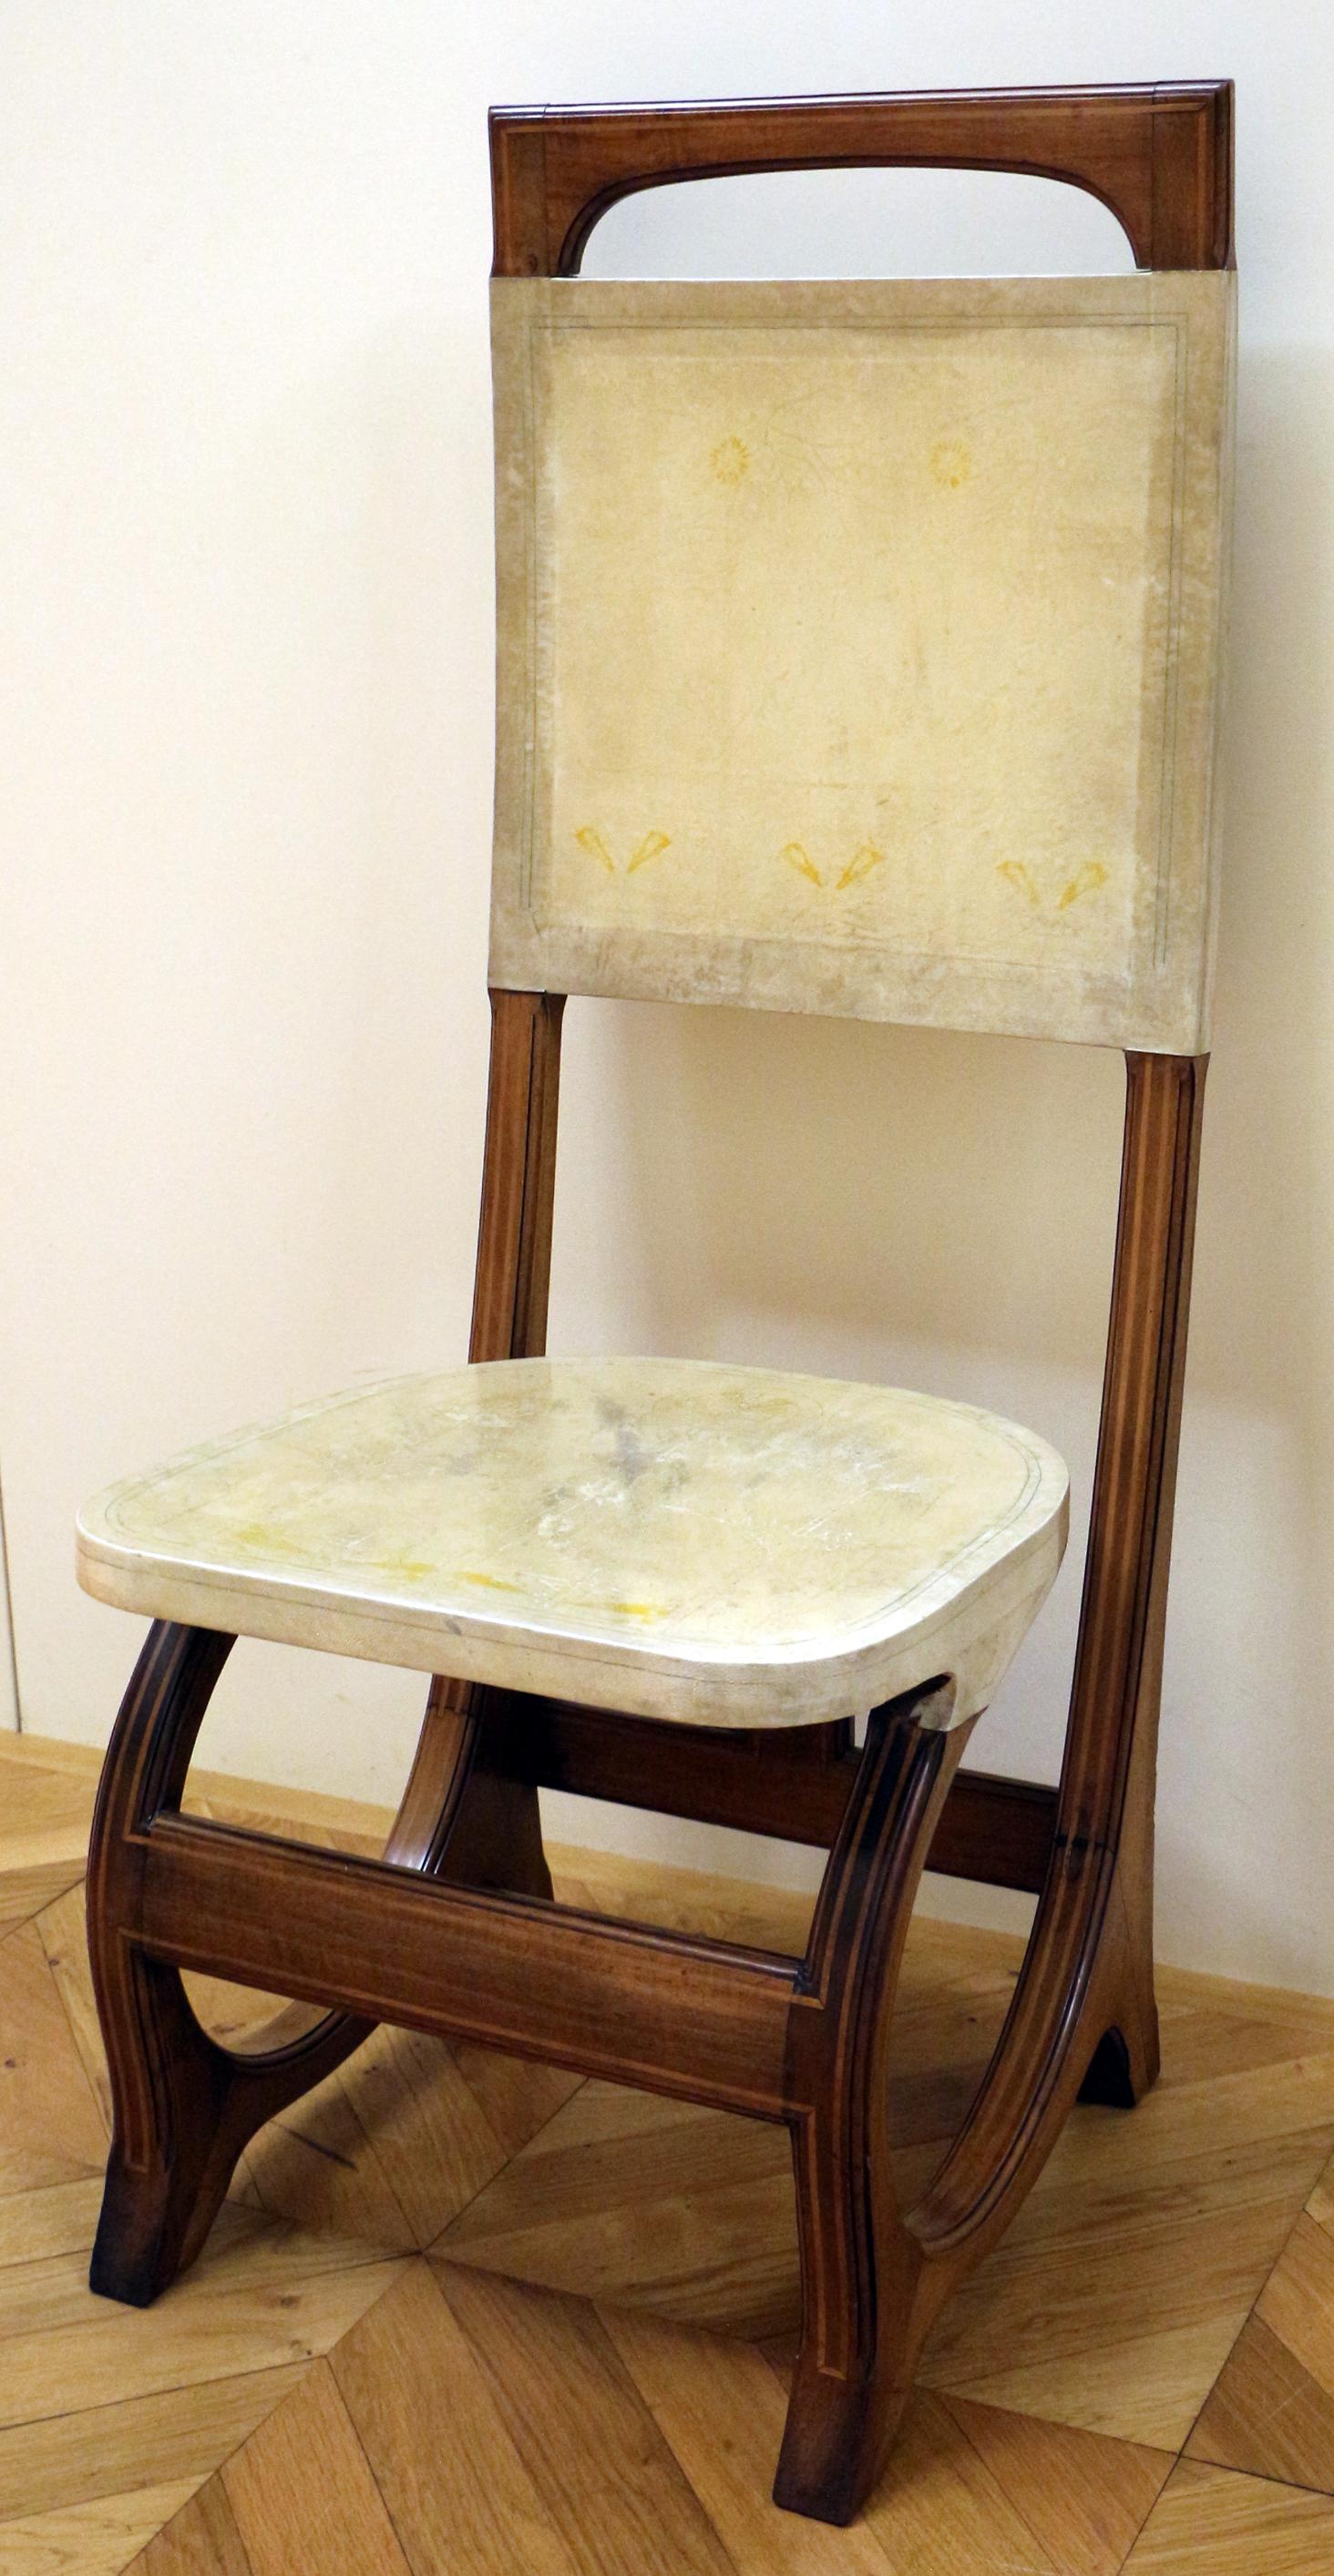 Fichier carlo bugatti coppia di sedie da sala da pranzo 1904 10 ca 02 jpg wikip dia - Sedie da sala da pranzo ...